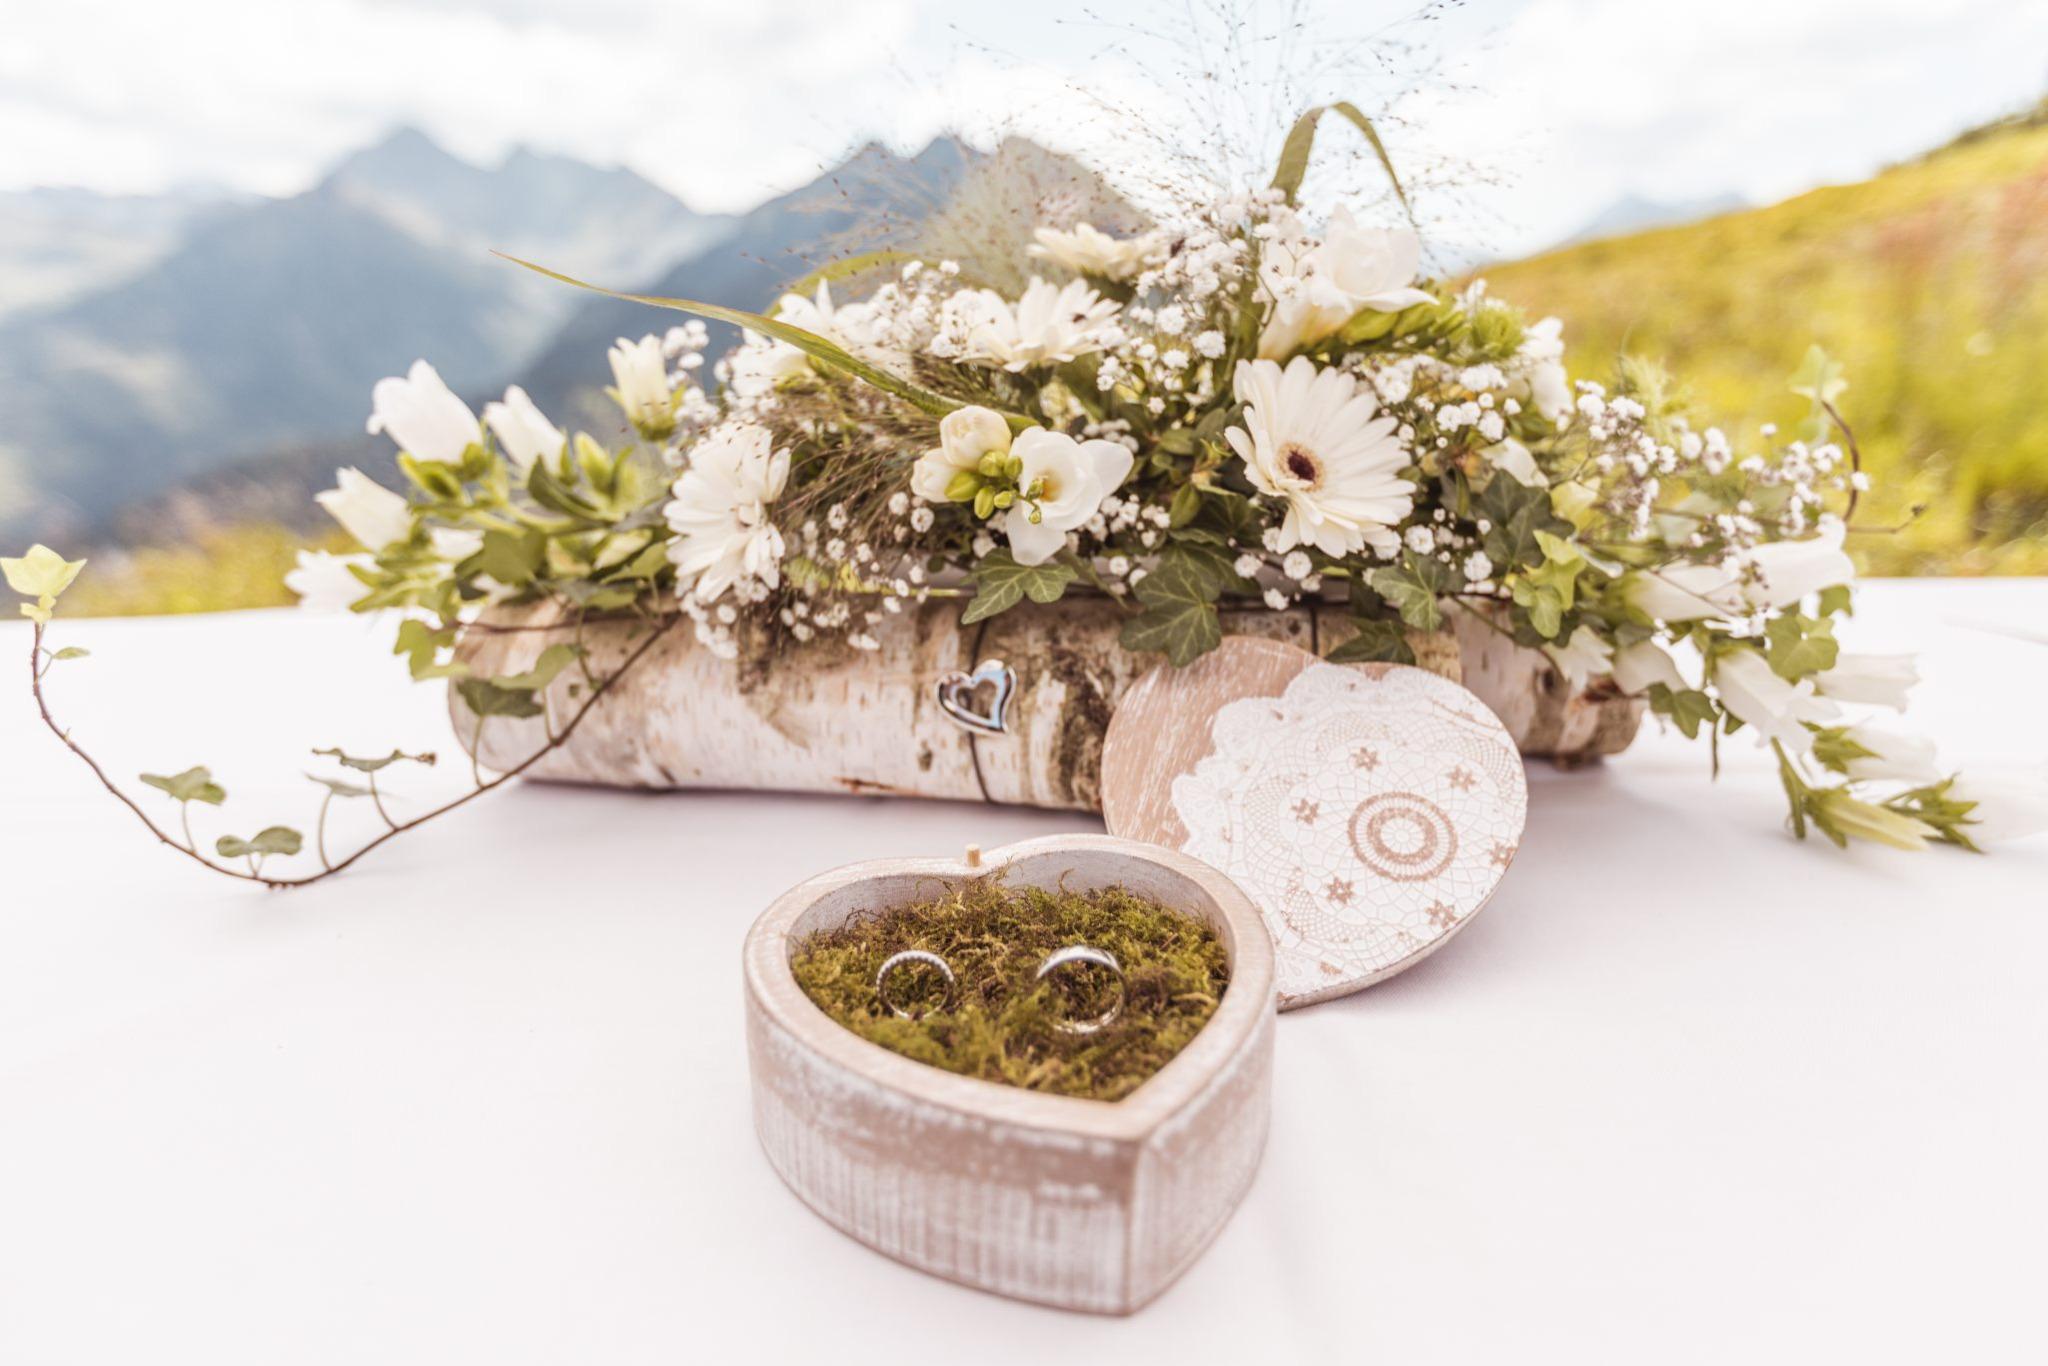 Hochzeit Feiern In Schladming Aussergewohnlich Heiraten In Den Bergen